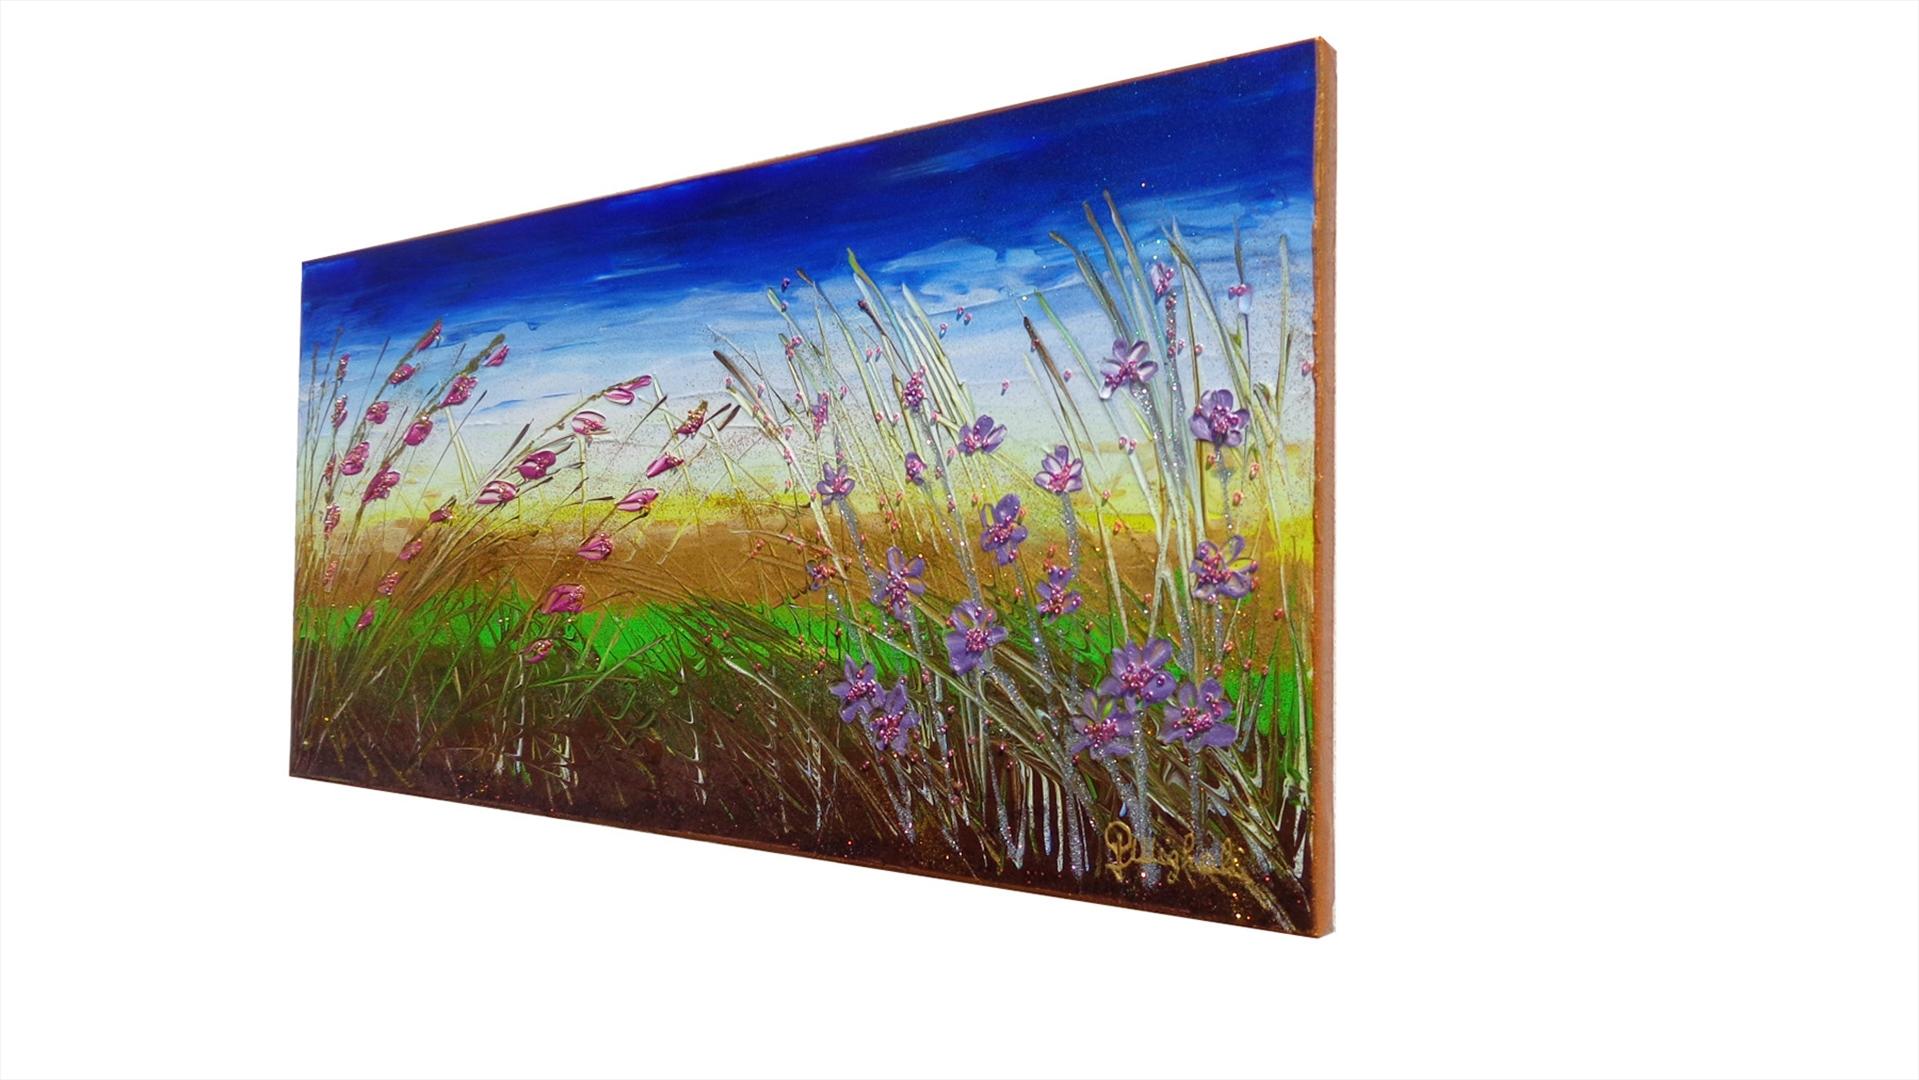 Paesaggio piccolo con fiori   Vendita Quadri Online   Quadri moderni ...